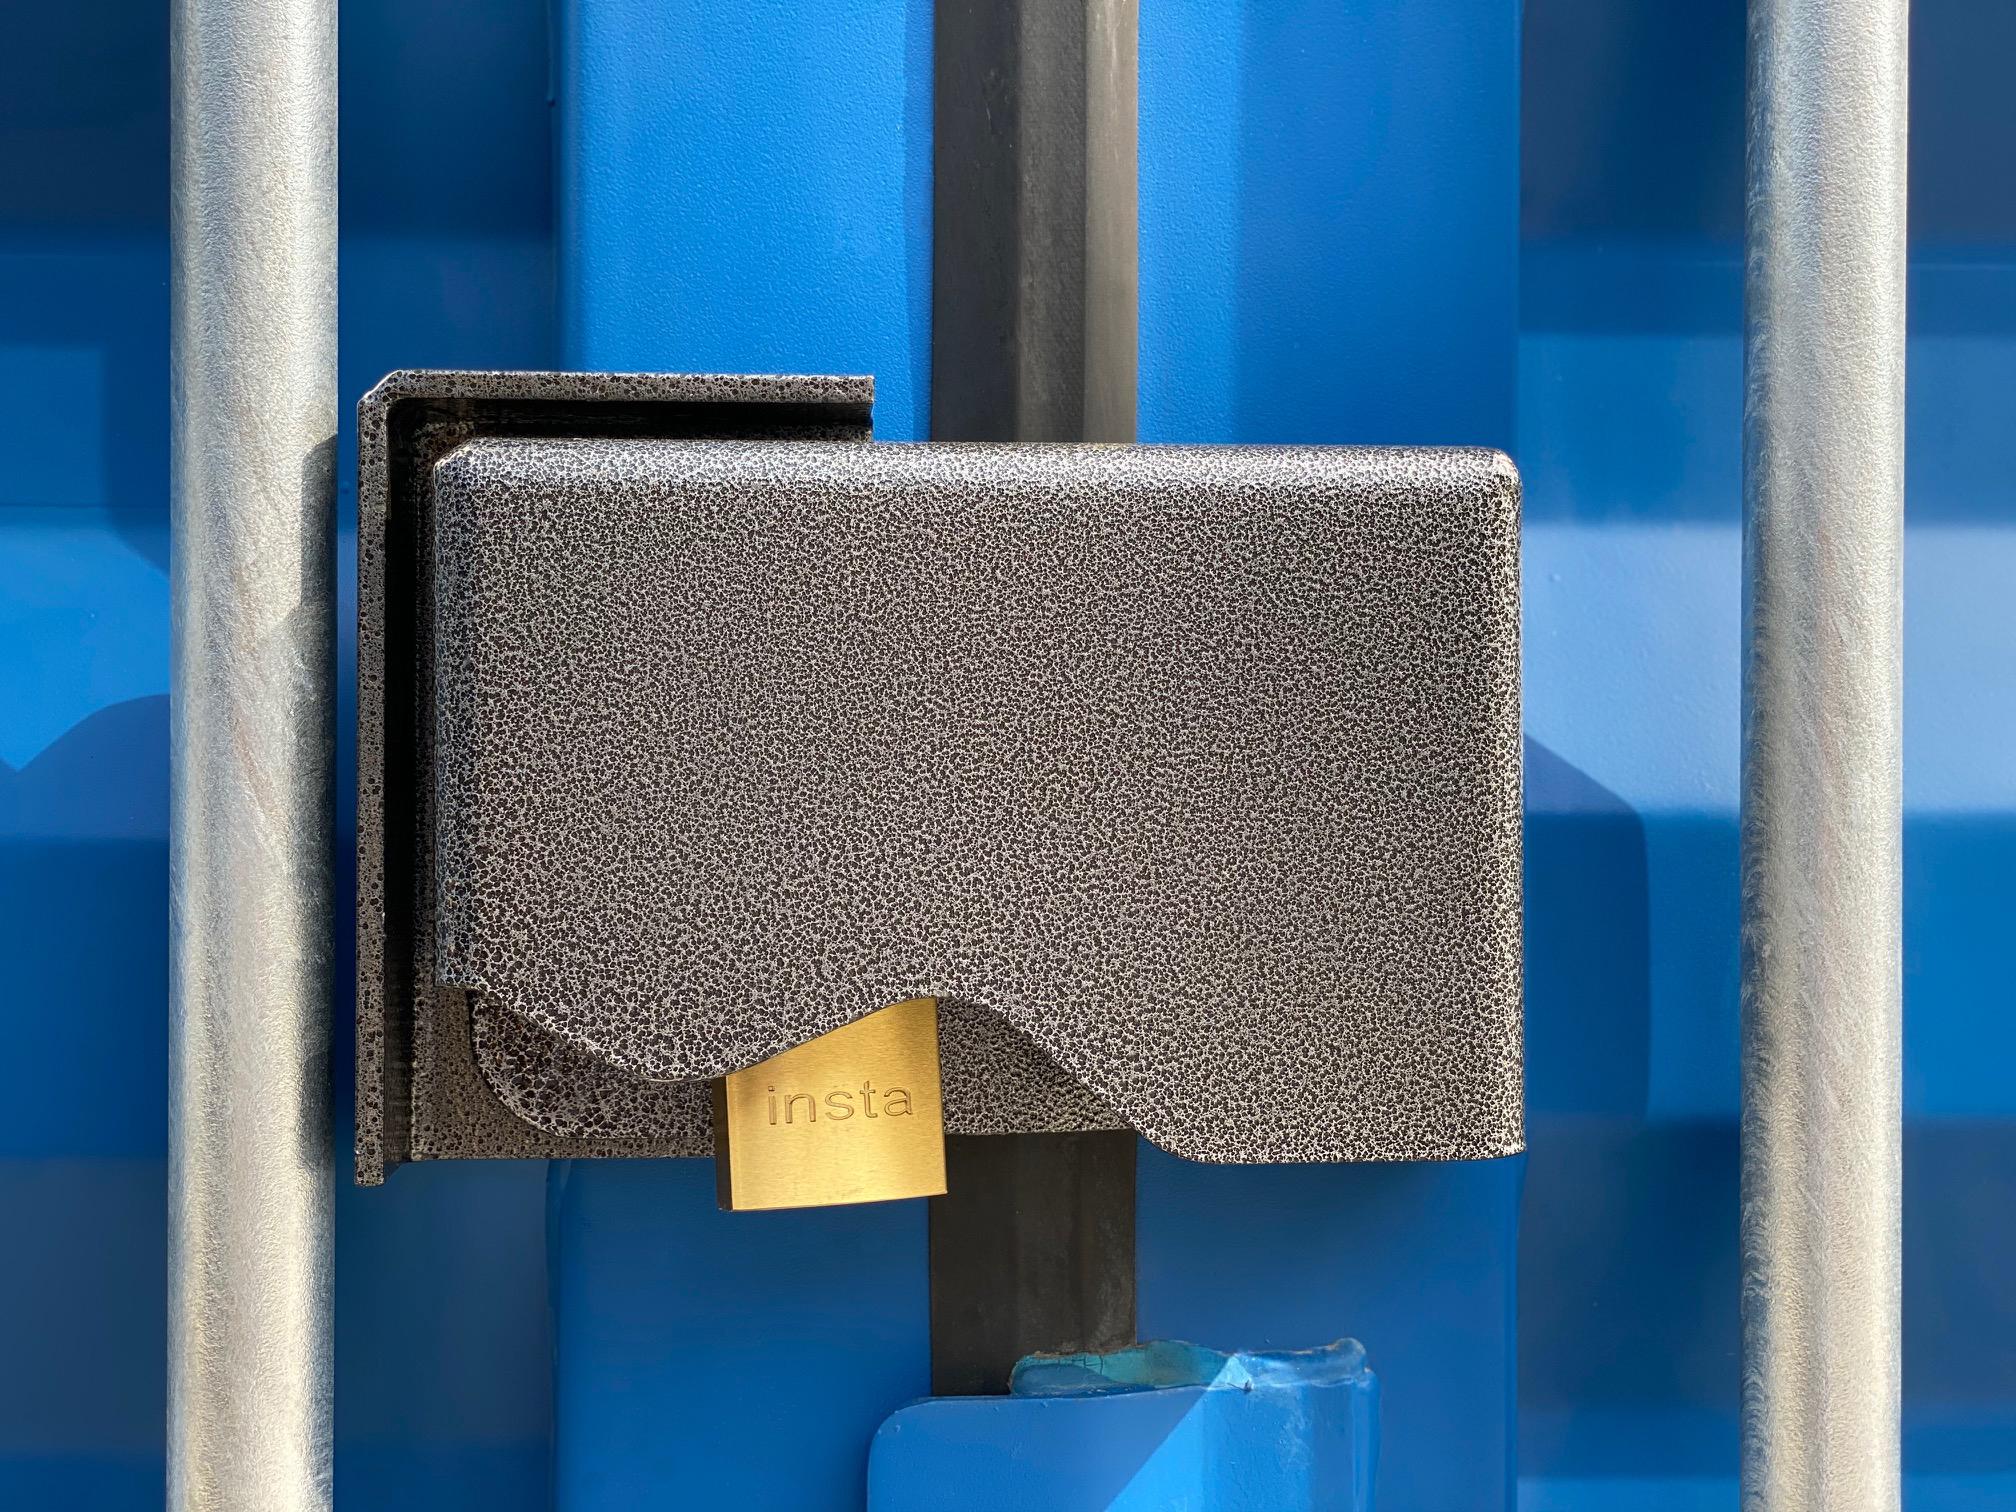 #3240 Insta Bolt-On Lock Box